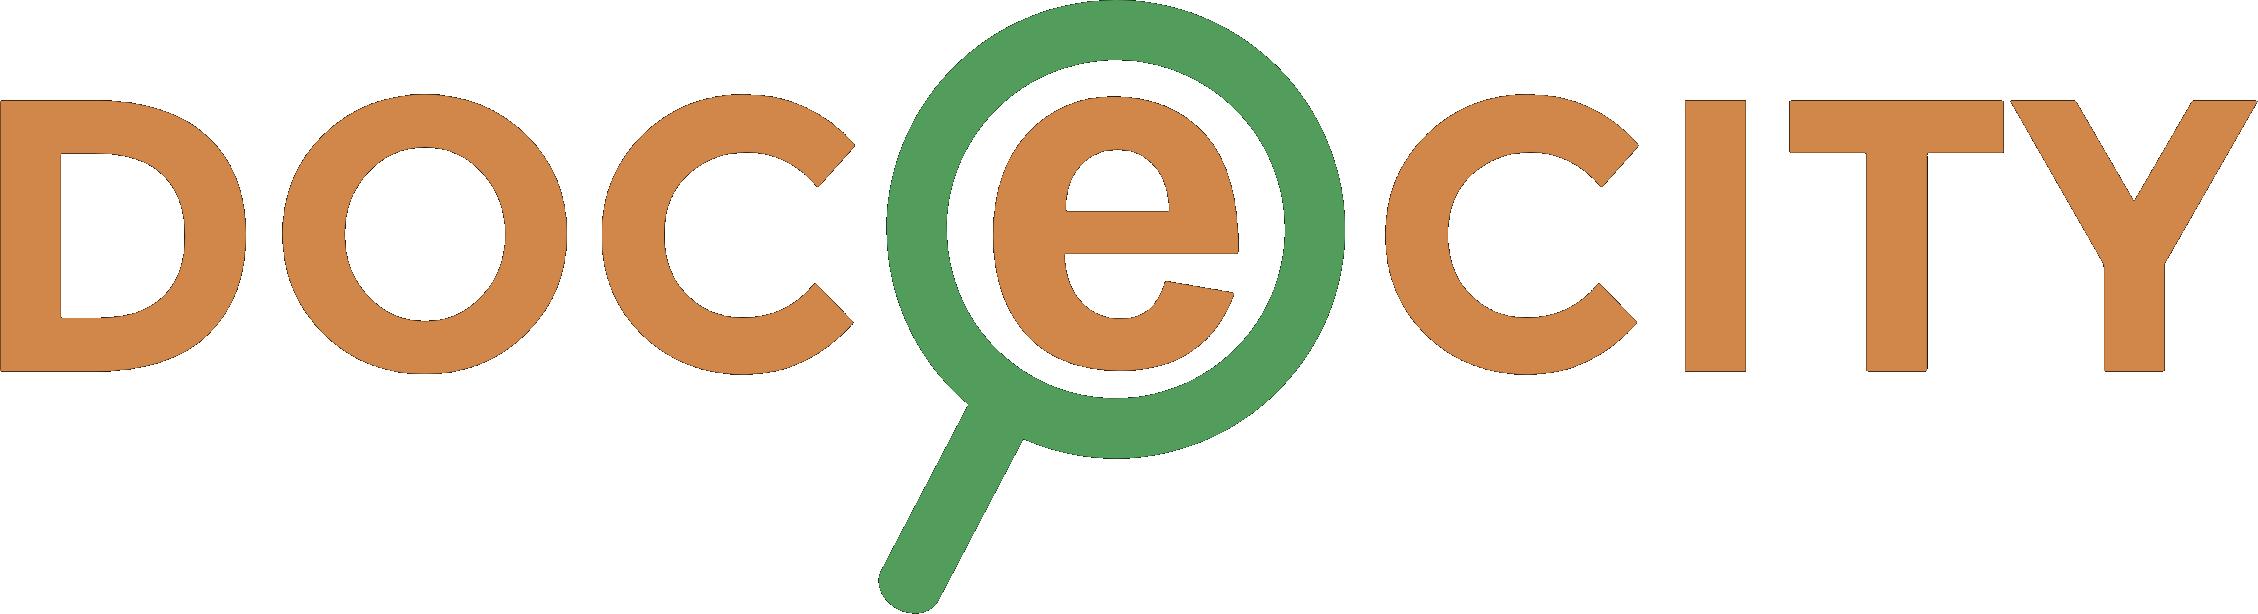 docecity logo